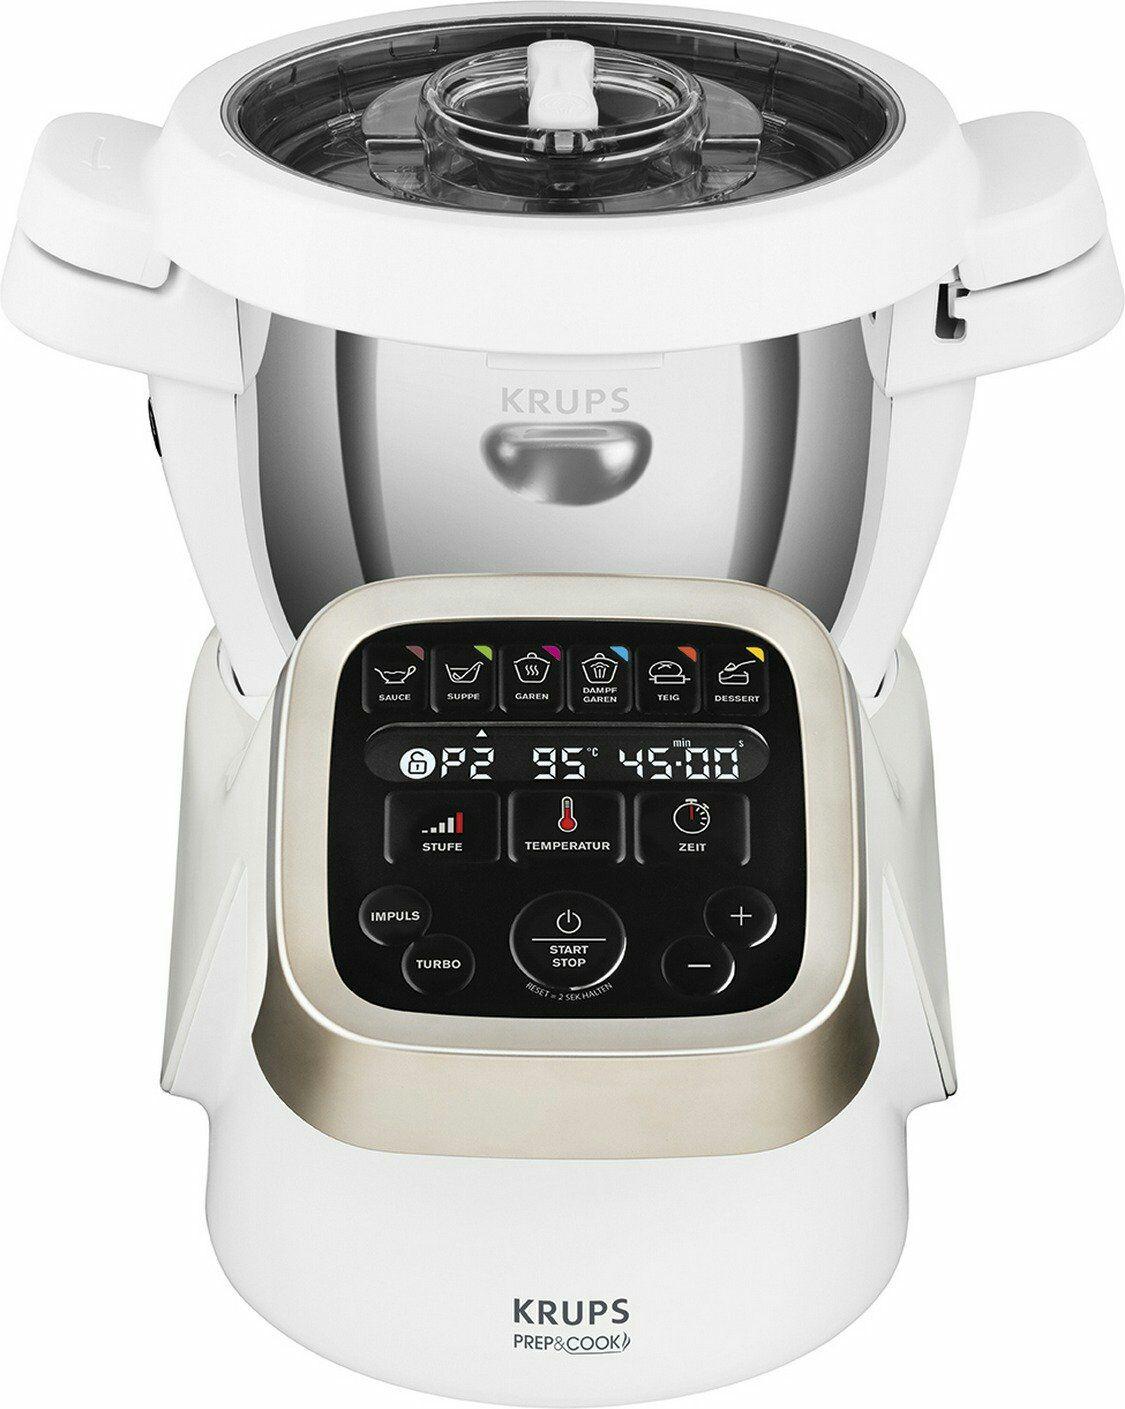 Aktionsauswahl - Beispiel: Multifunktions-Küchenmaschine Krups Prep & Cook HP 5031